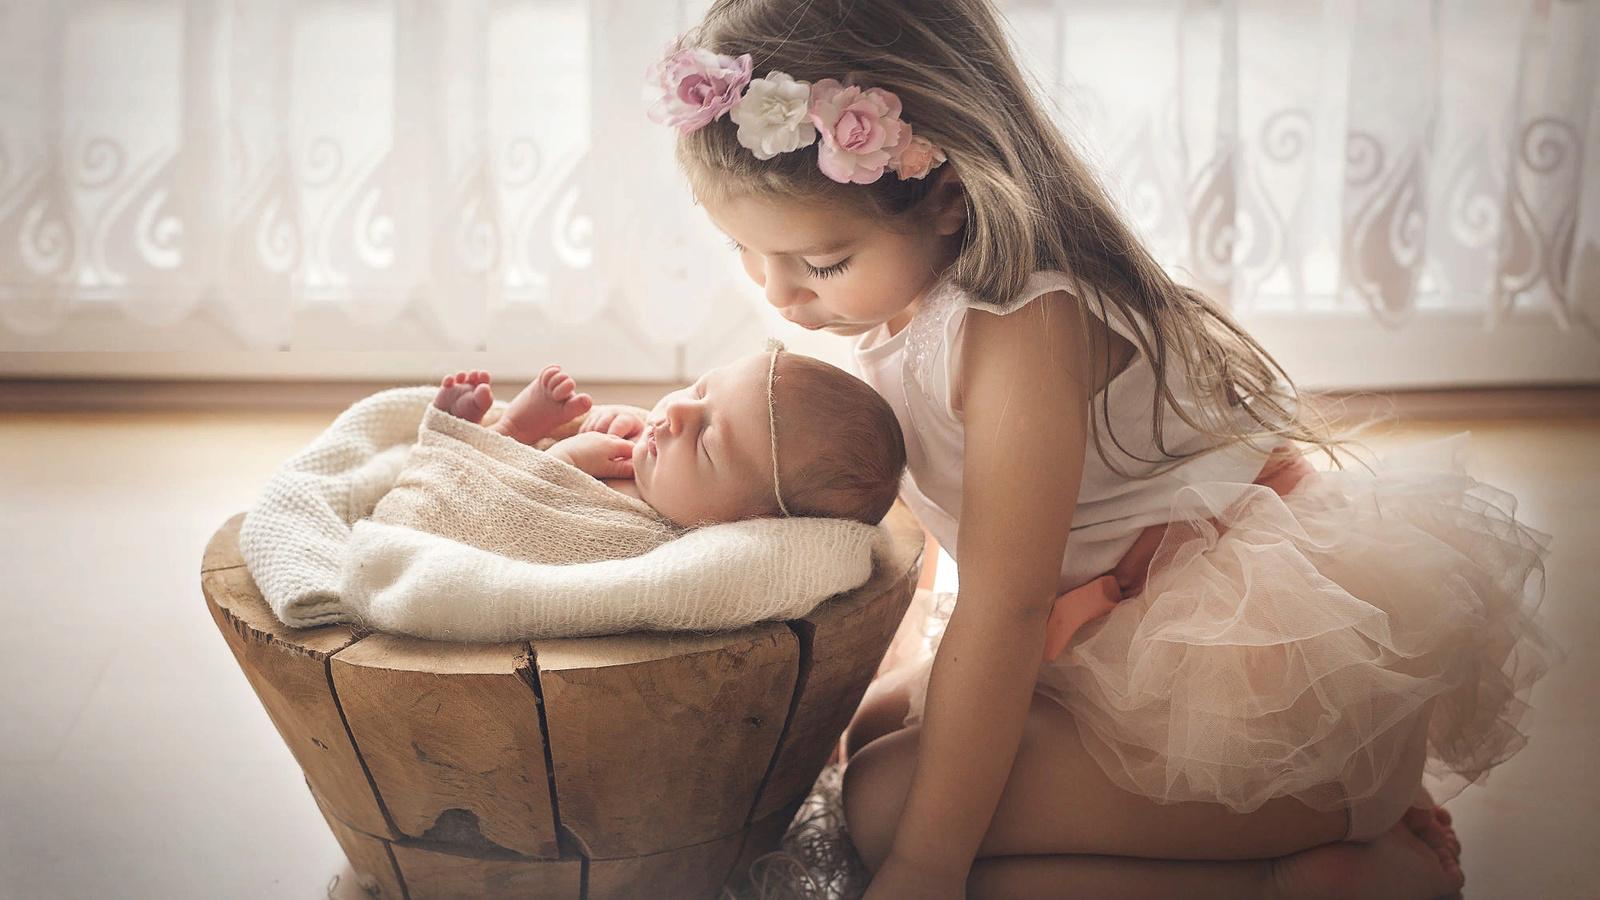 дети, девочки, поцелуй, окно, ласка, младенец, сёстры, тюль, marta obiegla